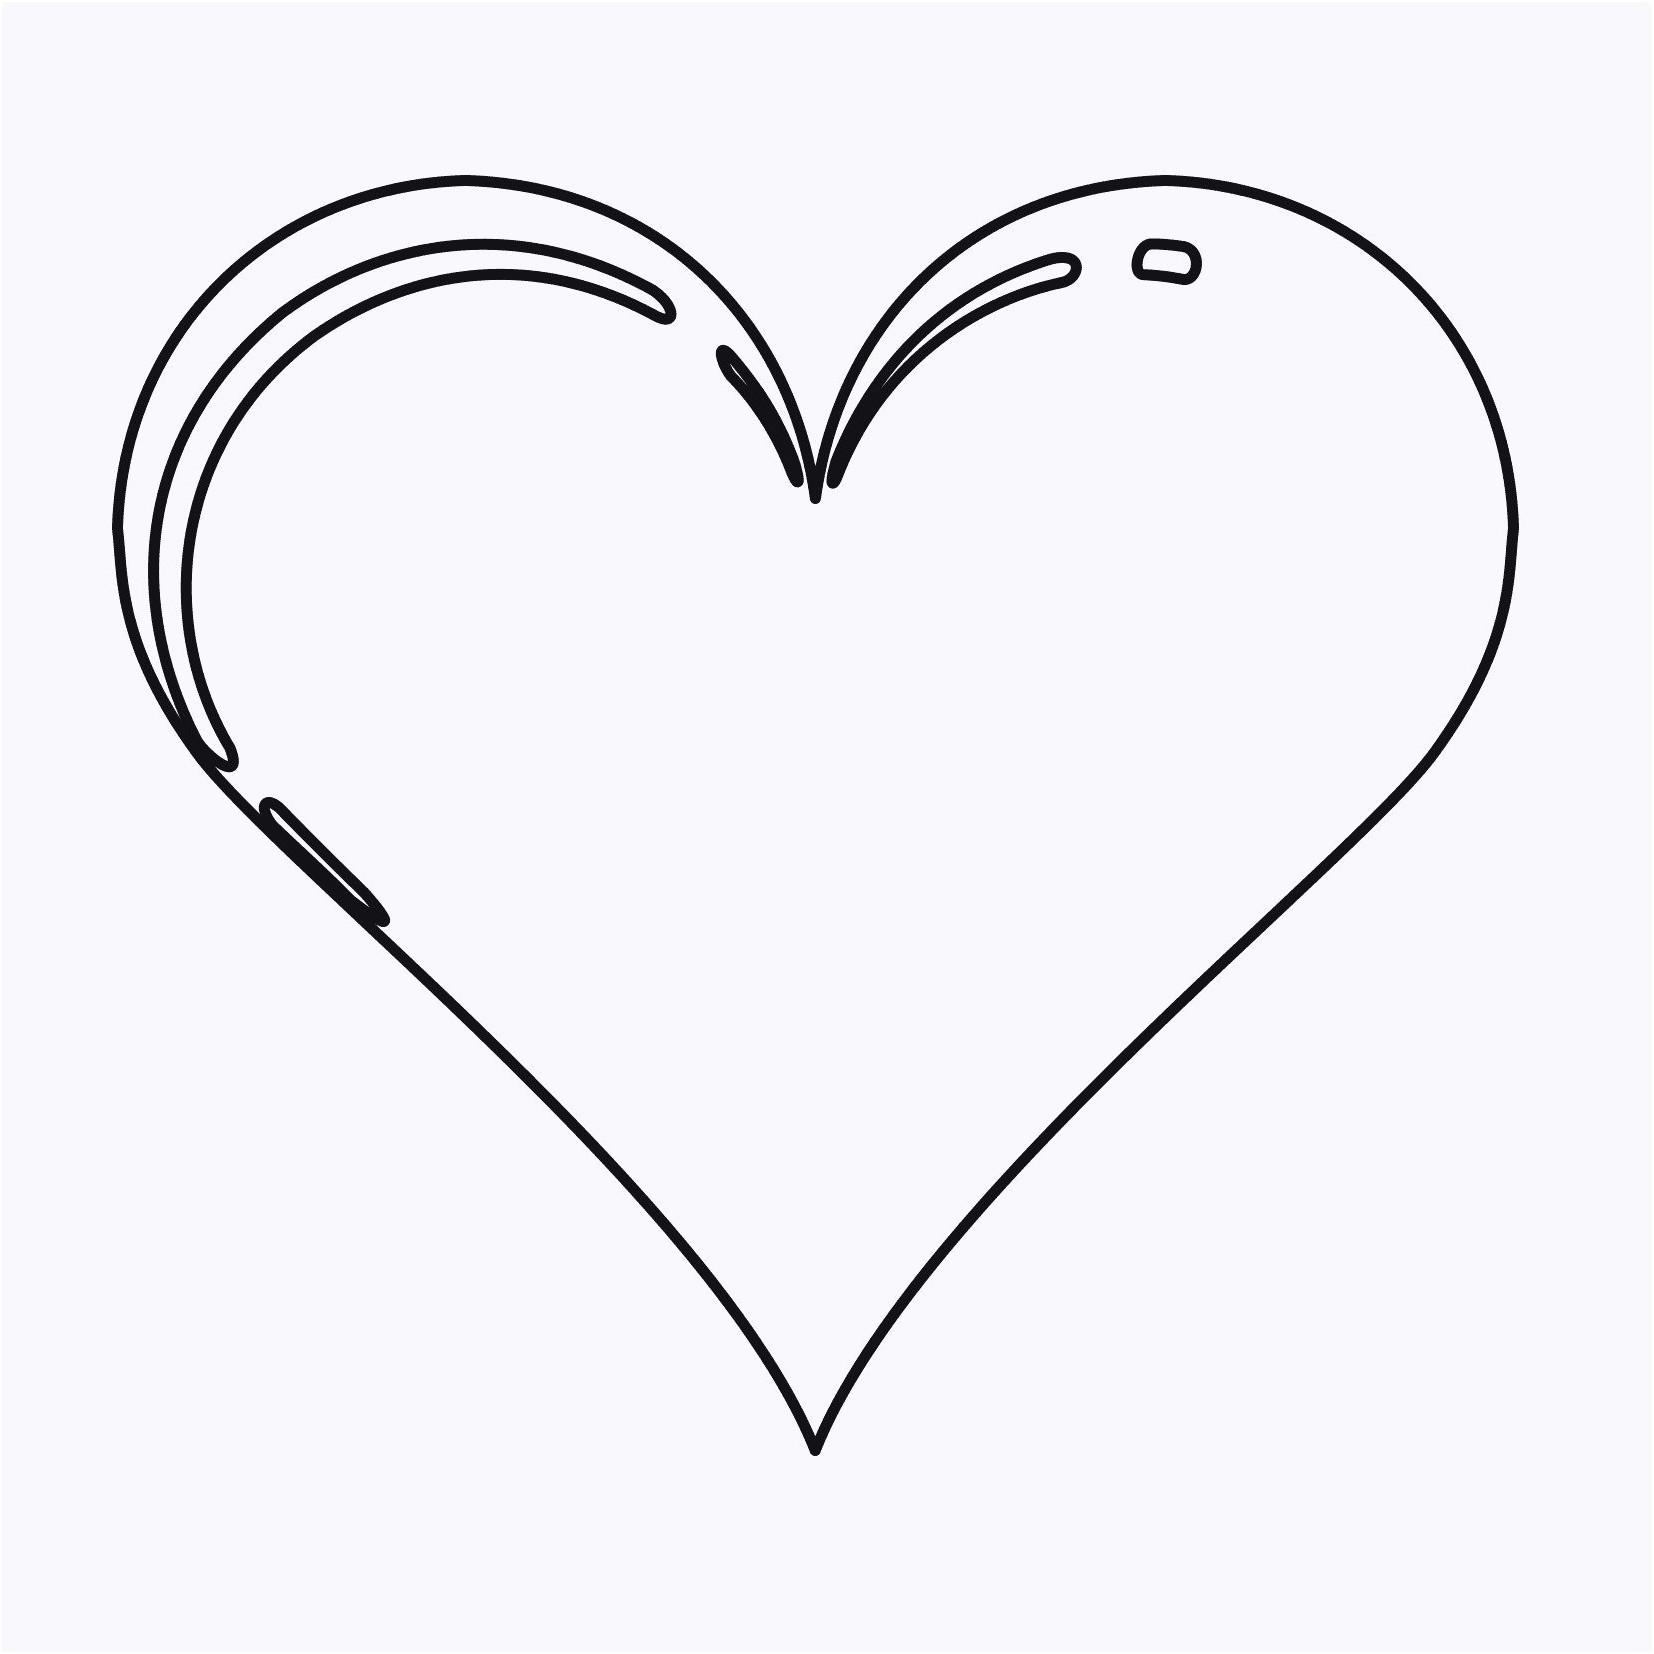 красивые сердца картинки распечатать каштаном одинаково органично